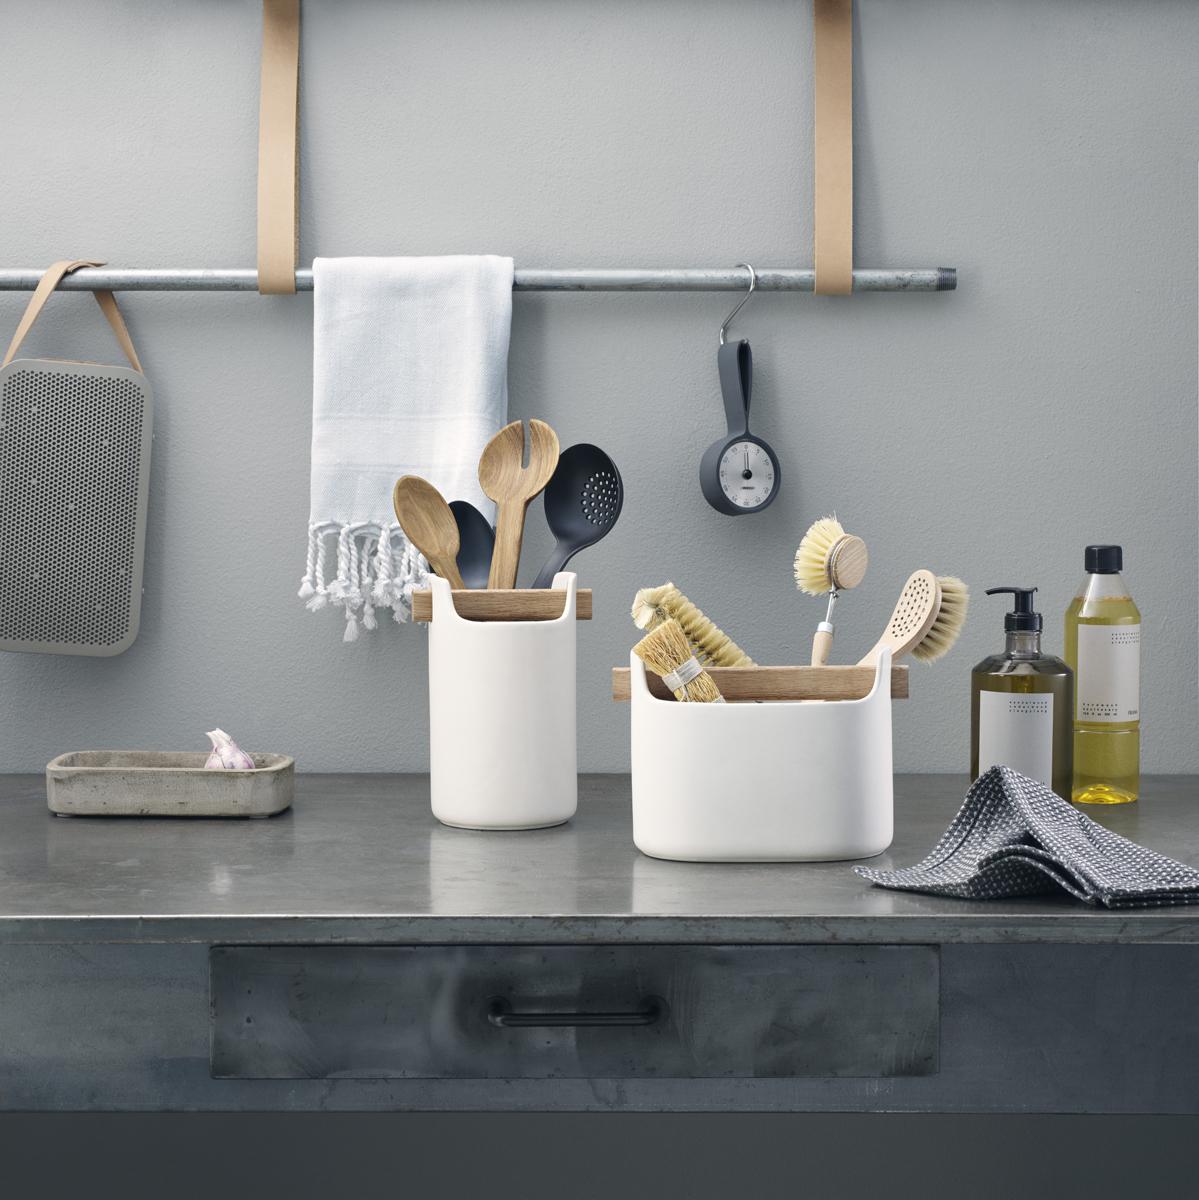 Кухонная подставка Eva Solo Kitchen, цвет: белый, высота 20 см knotted plunge long prom dress with slit